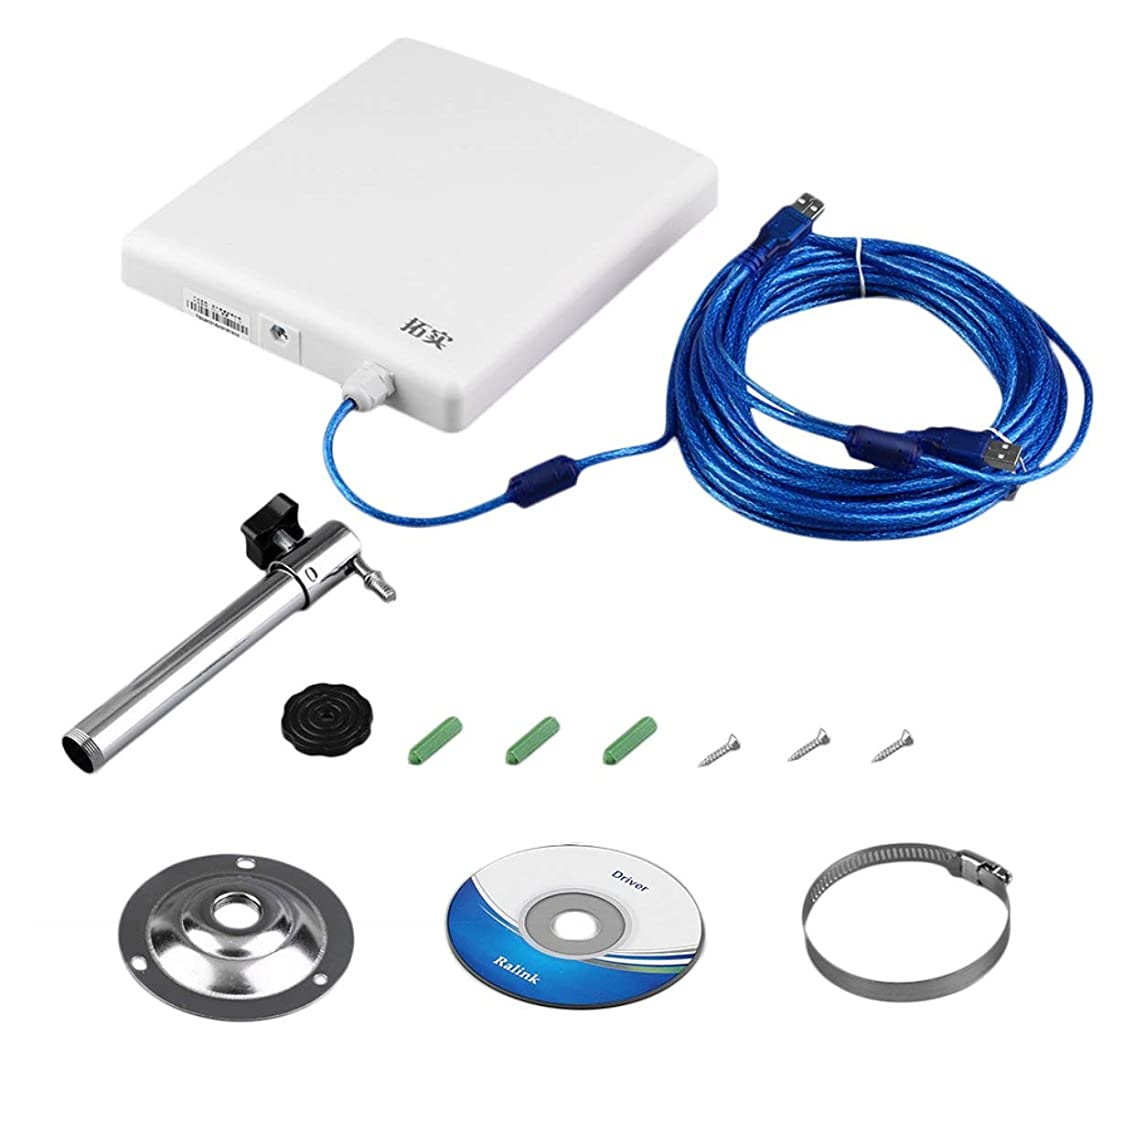 無駄迷路勇敢なTivollyff 無線LAN 子機 Wi-Fi USB N910スーパーハイパワーのUSBワイヤレスネットワークカードレシーバー150MbpsのIEEE 802.11b / gの/nの無線LAN規格レシーバーホワイト 白